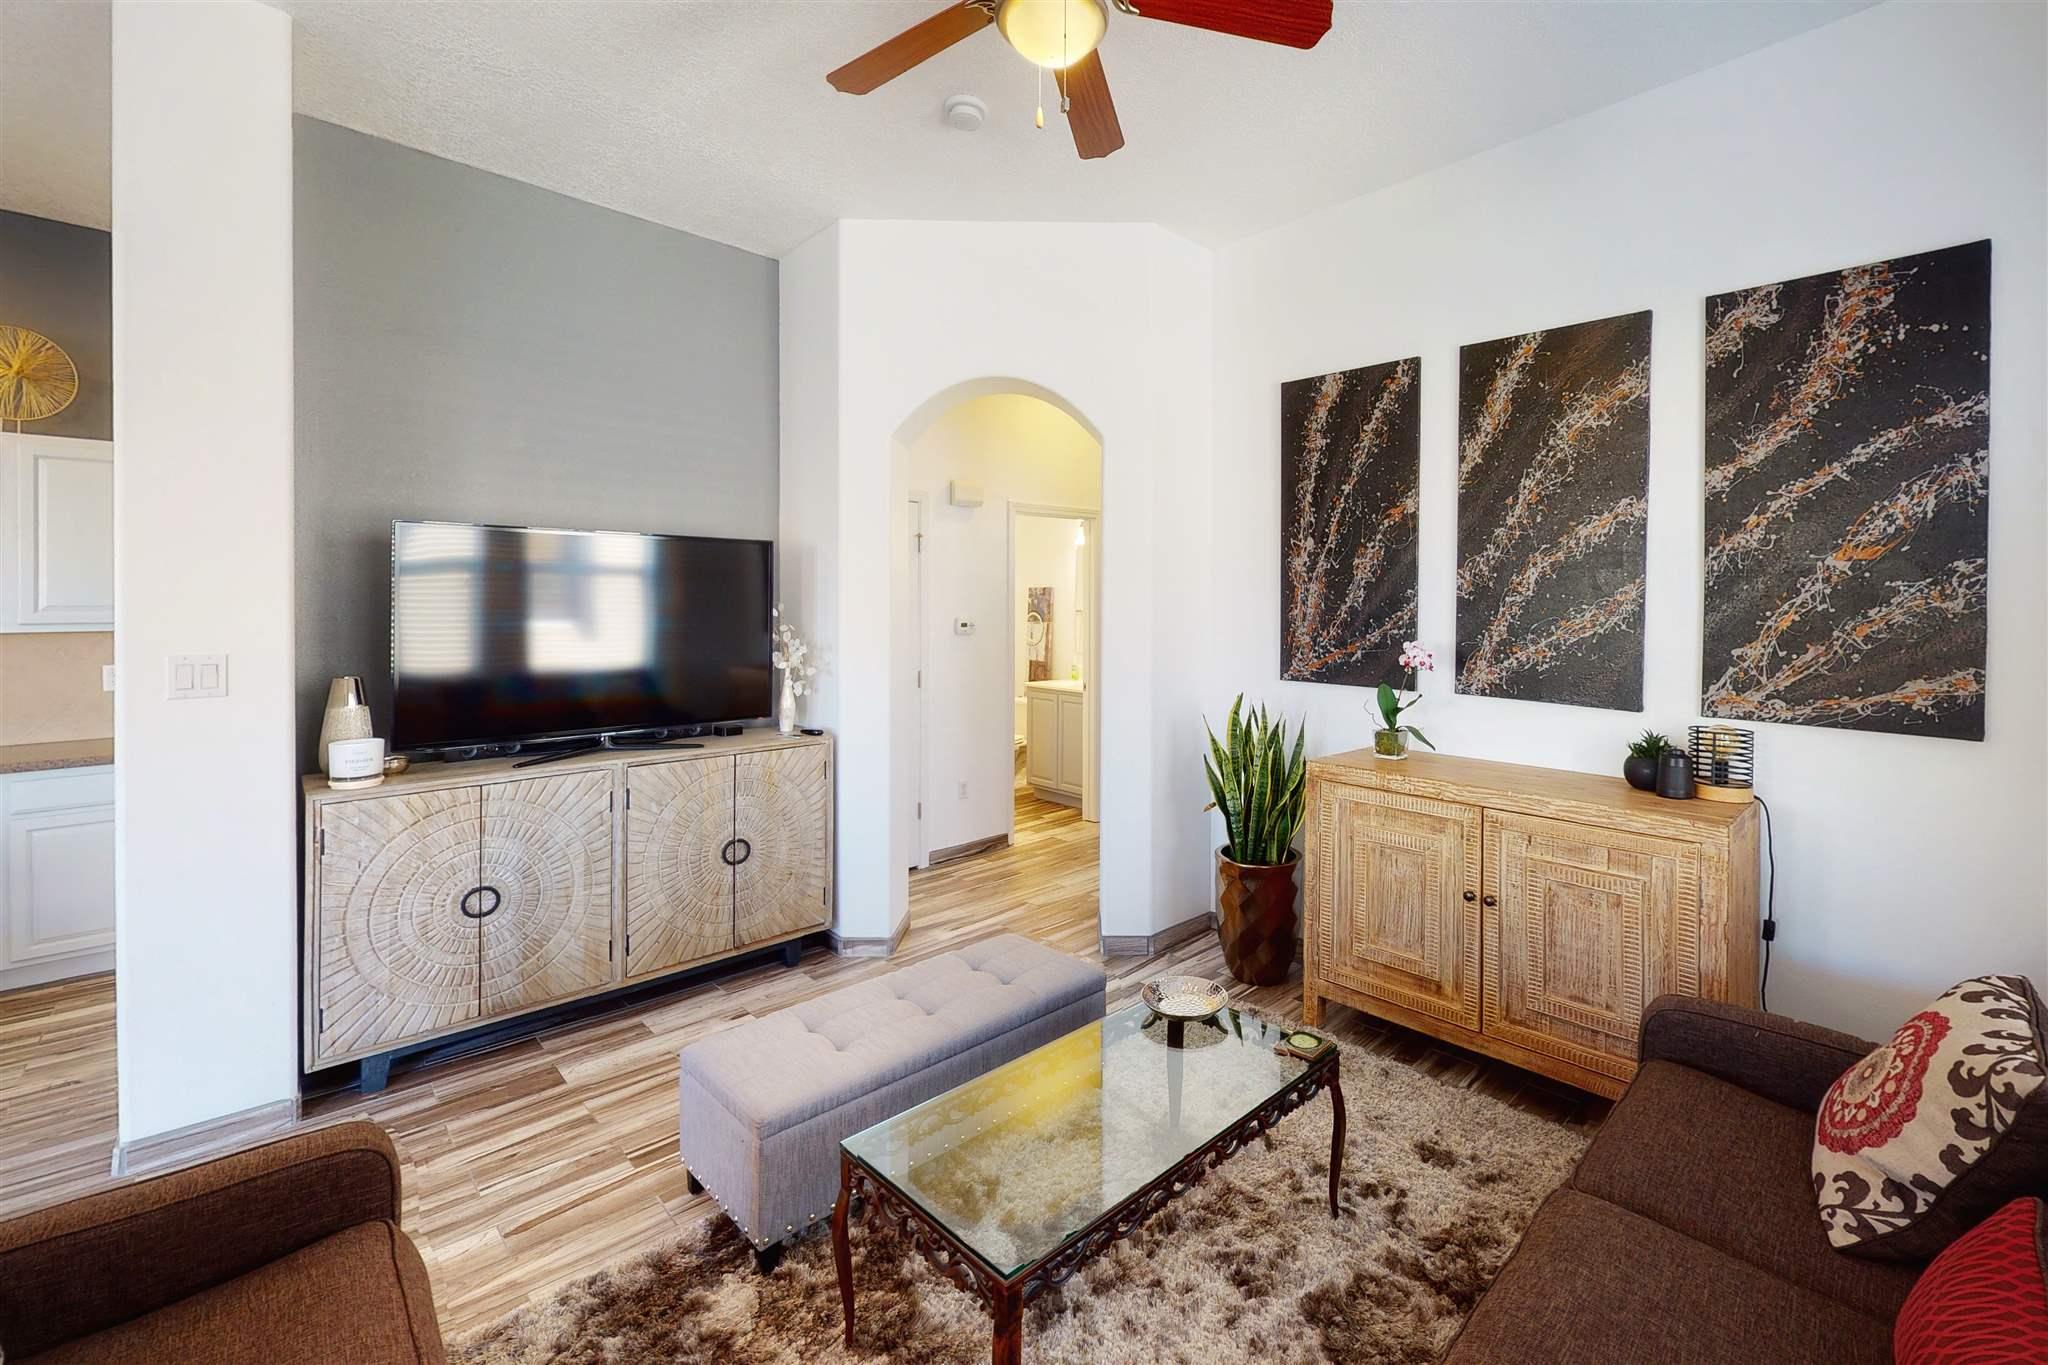 4332 Santo Domingo, Santa Fe, New Mexico 87507, 2 Bedrooms Bedrooms, ,2 BathroomsBathrooms,Condominium,For Sale,4332 Santo Domingo,2,202005307